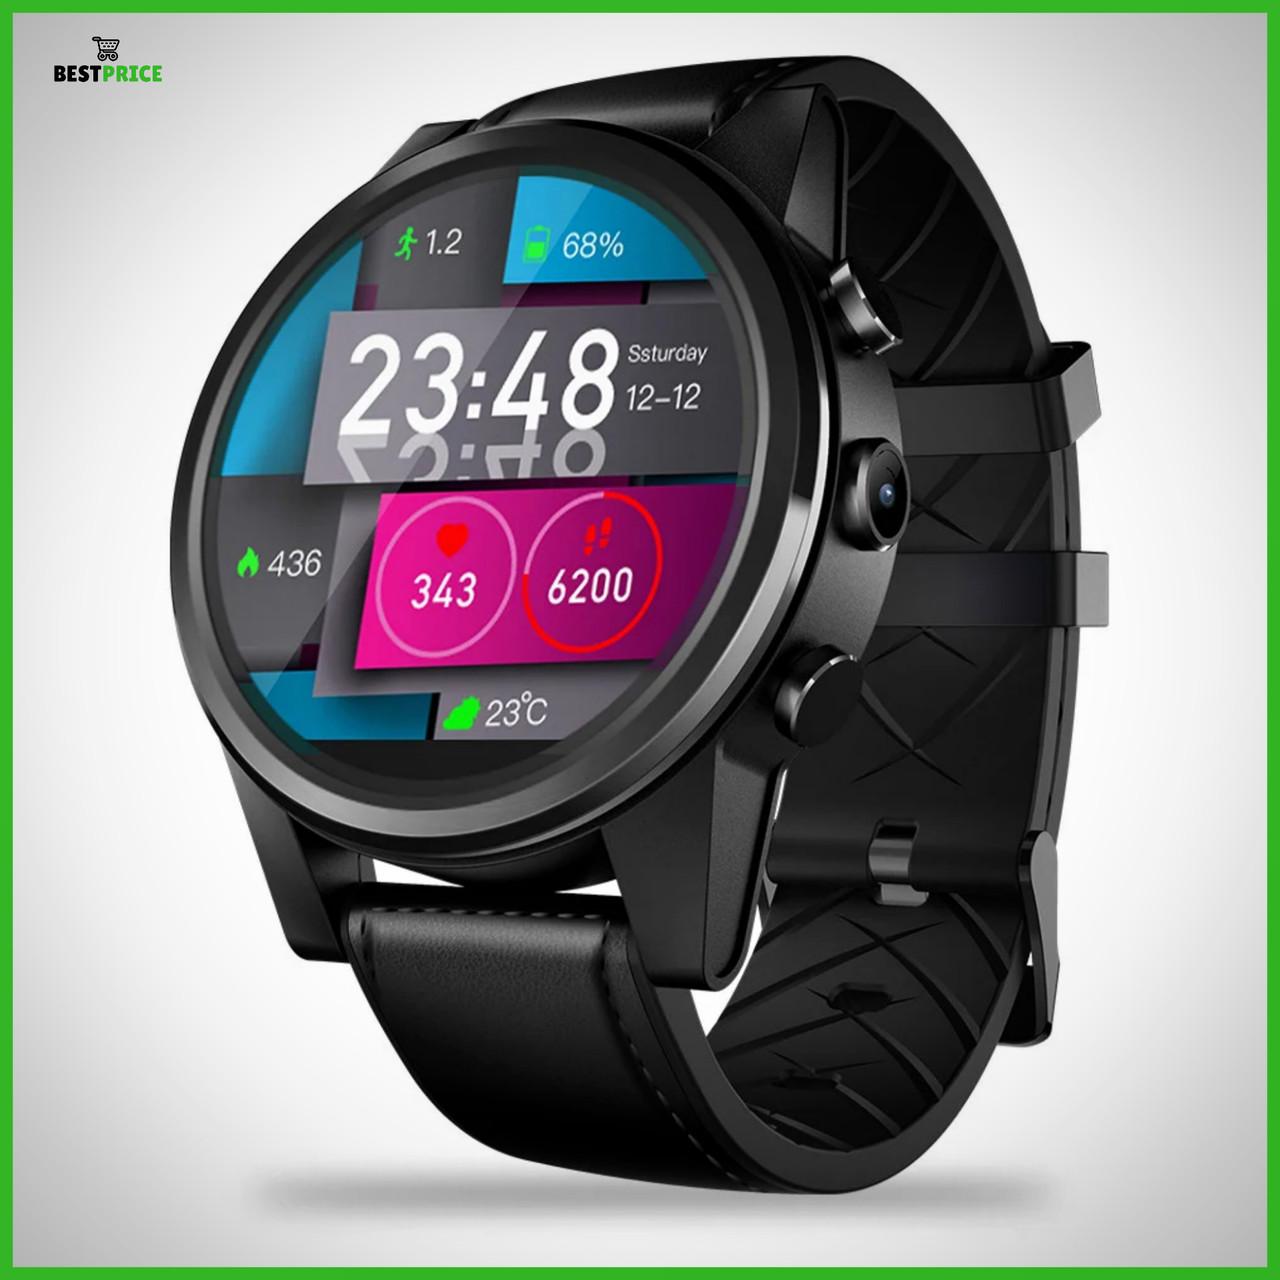 Умные смарт часы Zeblaze Thor 4 Pro с Android 7.1.1 и встроенным GPS (Черный)